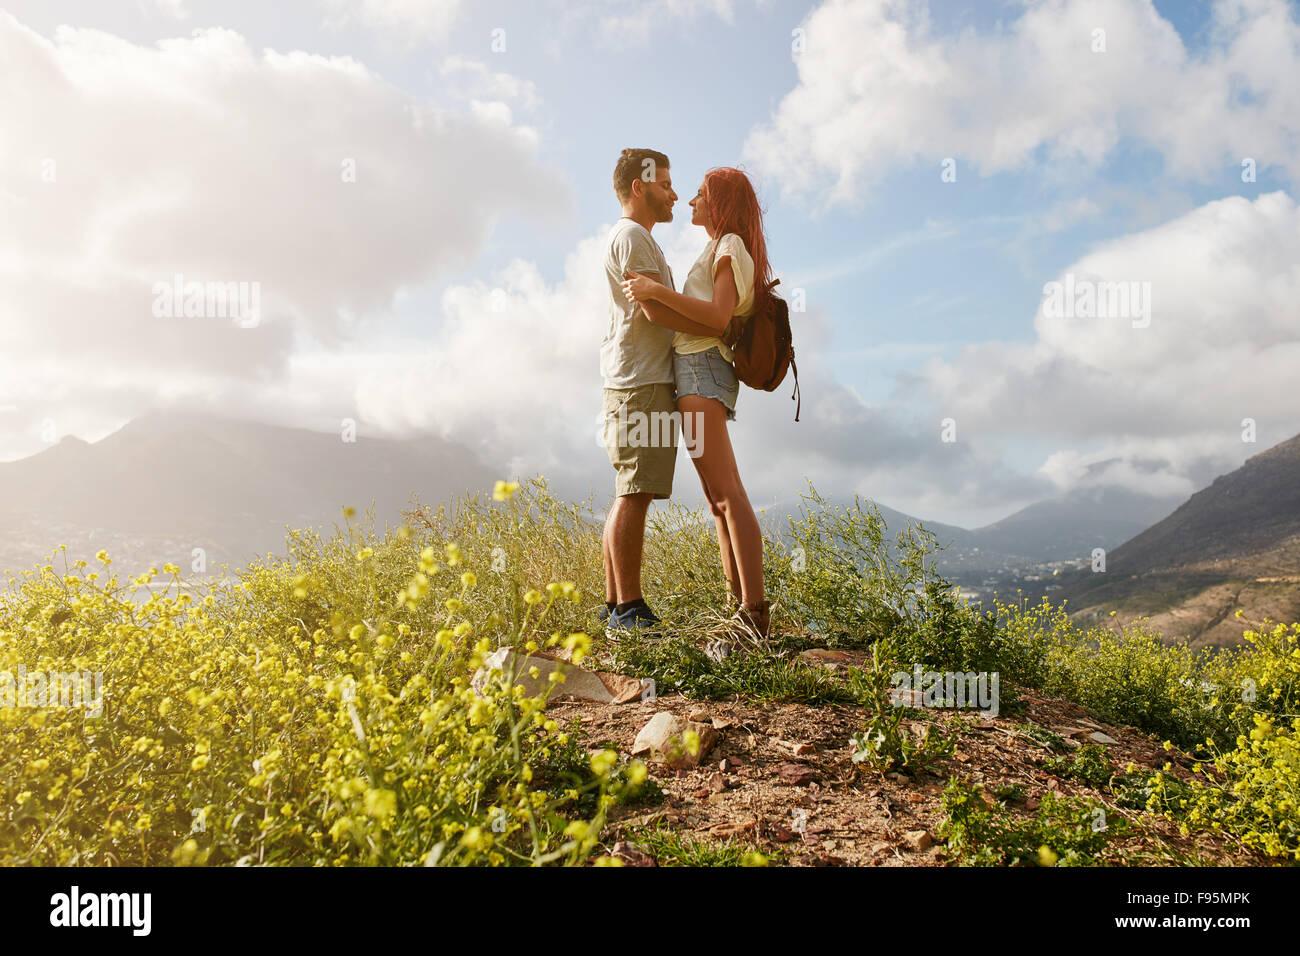 Retrato do casal em amoroso abraço de pé no topo de uma colina. Os jovens o homem e a mulher no amor juntos Imagens de Stock